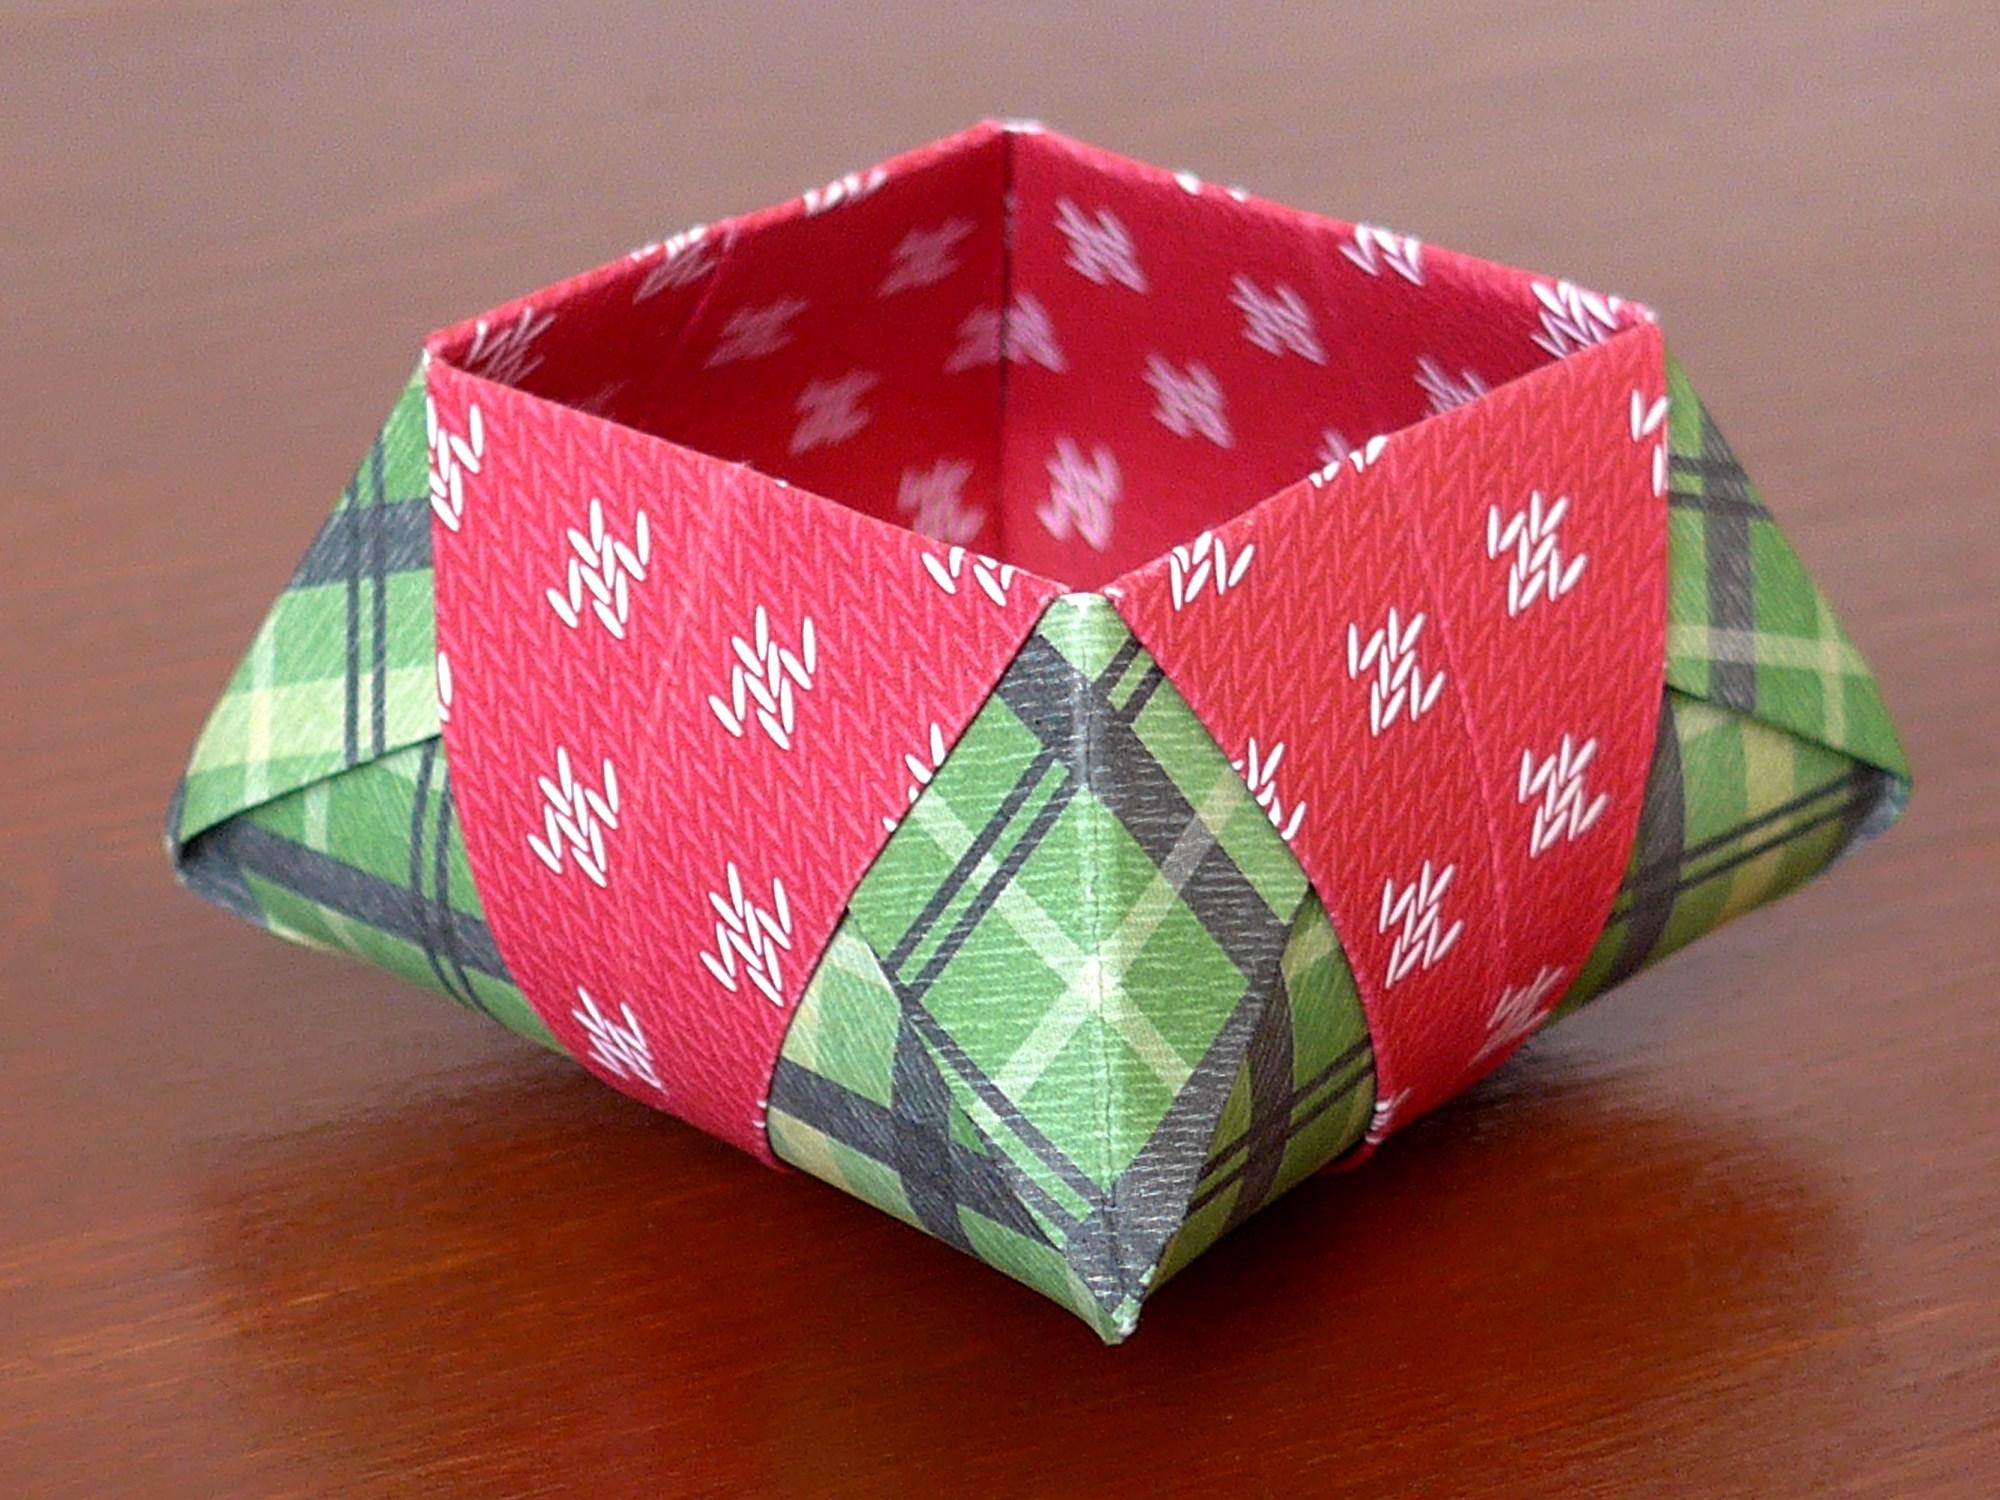 Origami star box mit video anleitung kreativwerkstatt - Origami anleitung weihnachten ...